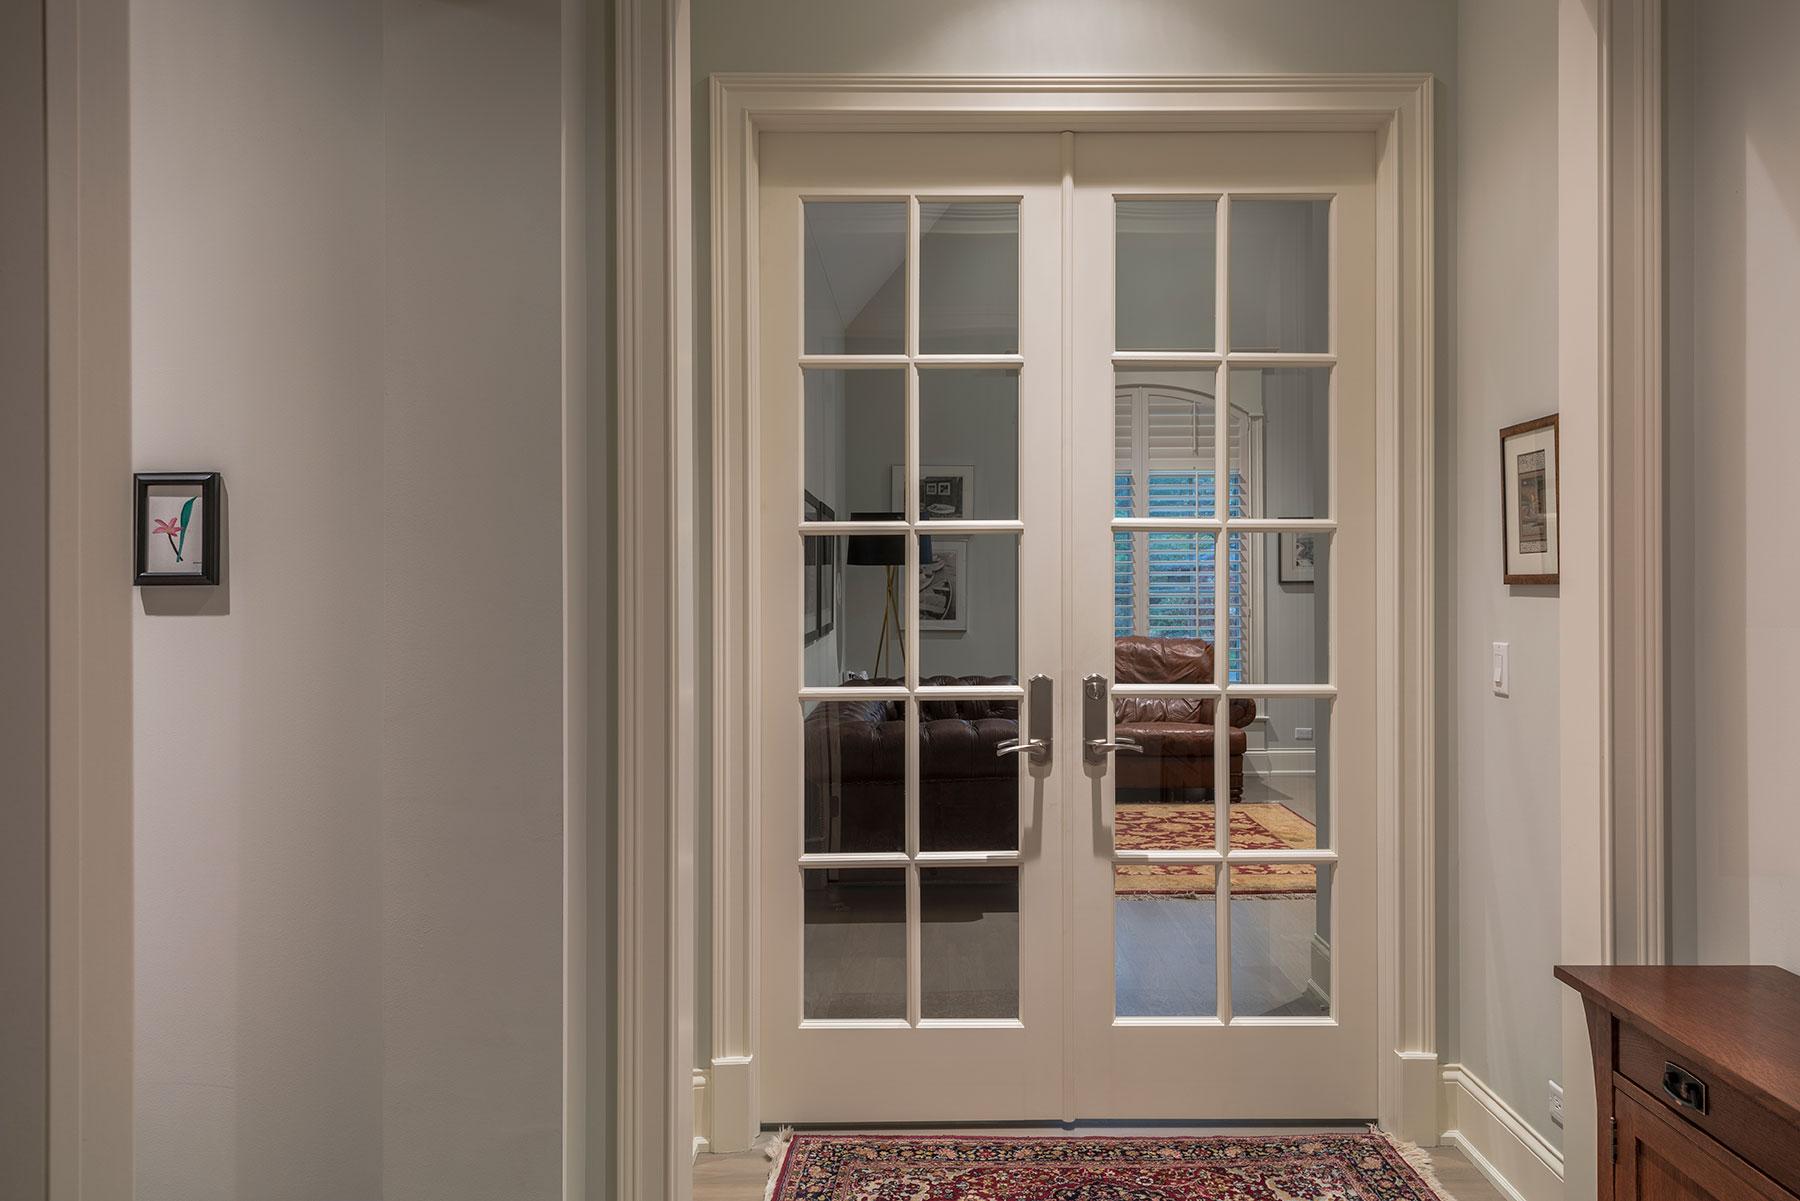 Custom Wood Interior Doors | 10-Lite Paint Grade MDF Double Door with Clear Glass for Office Entry  - Glenview Doors - Custom Doors in Chicago